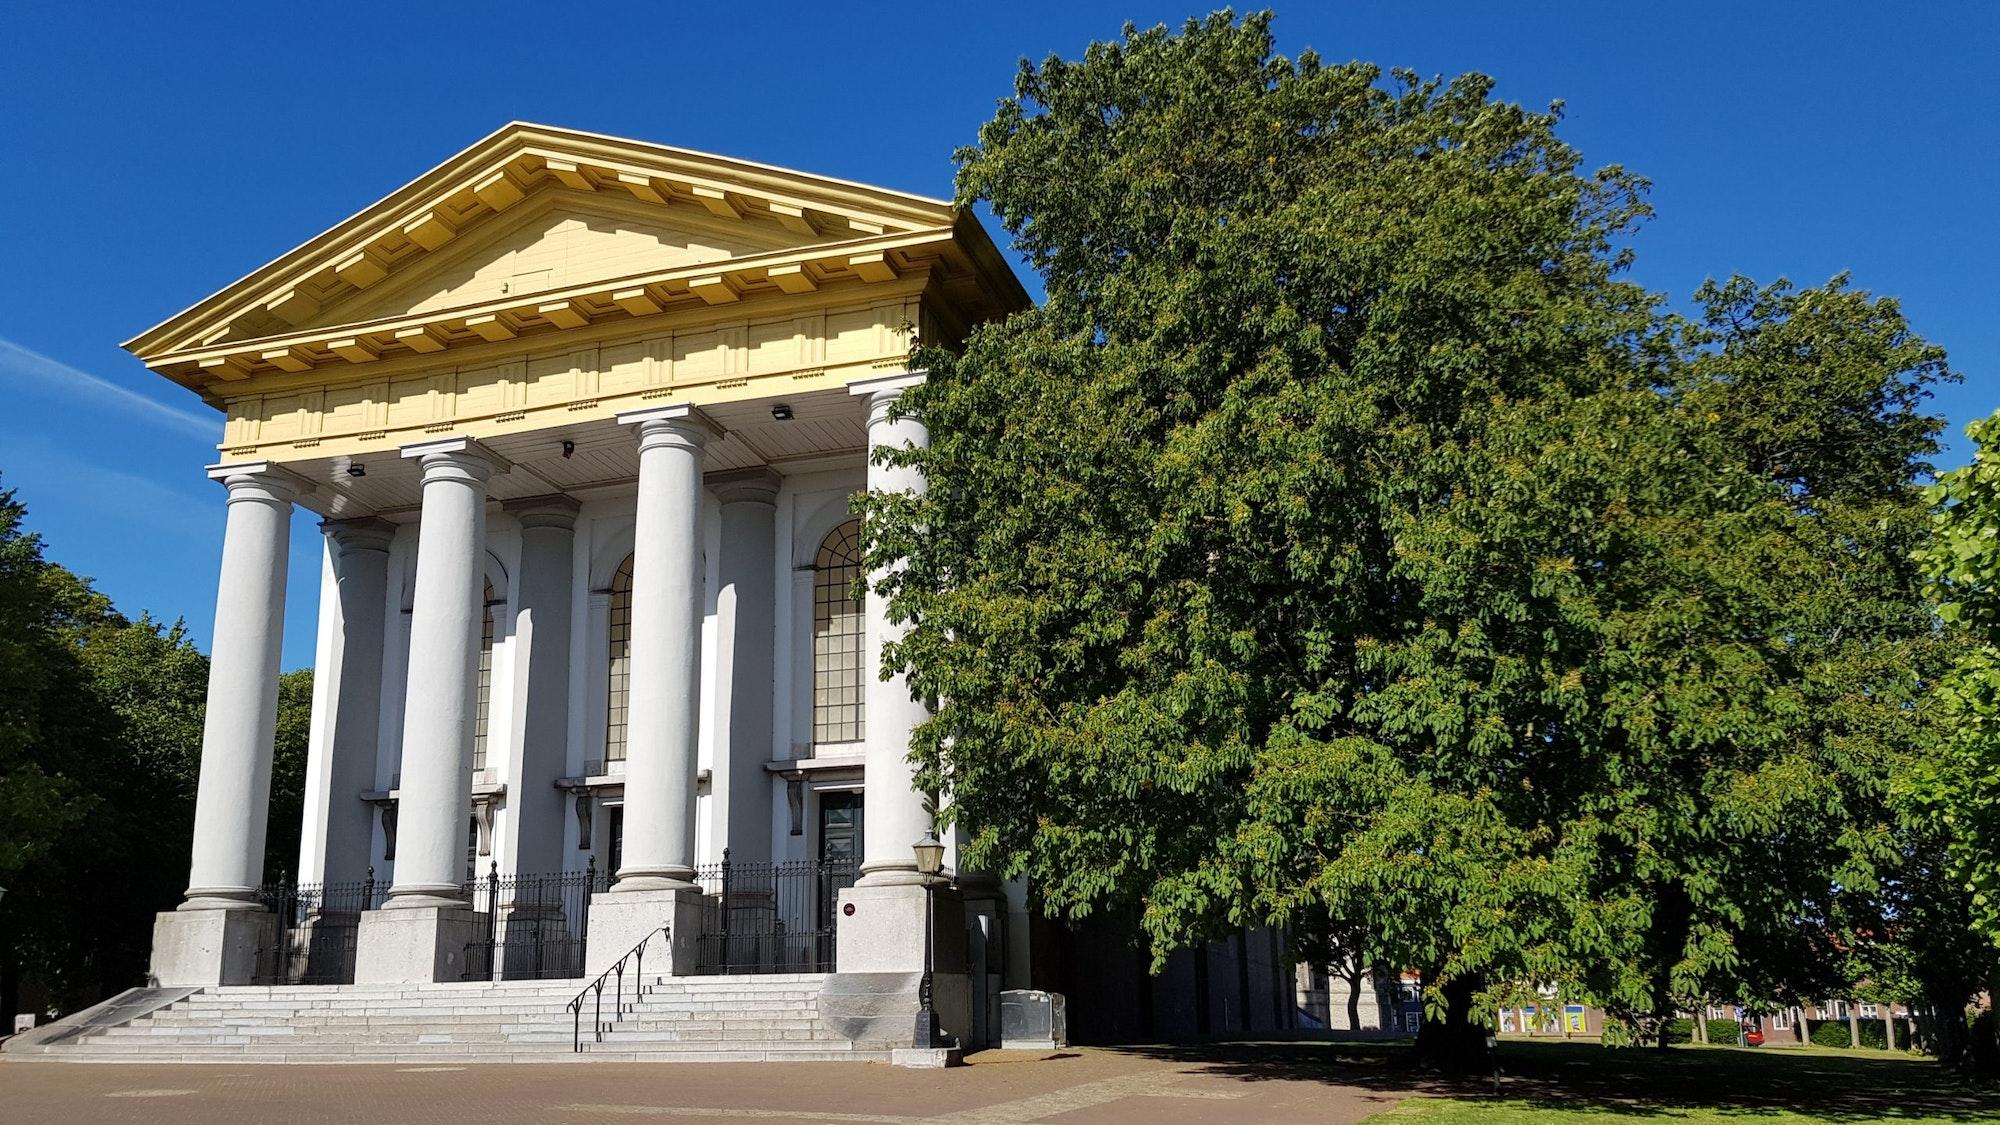 Rechts naast een monumentale entree met zuilen staat een groene kastanjeboom.